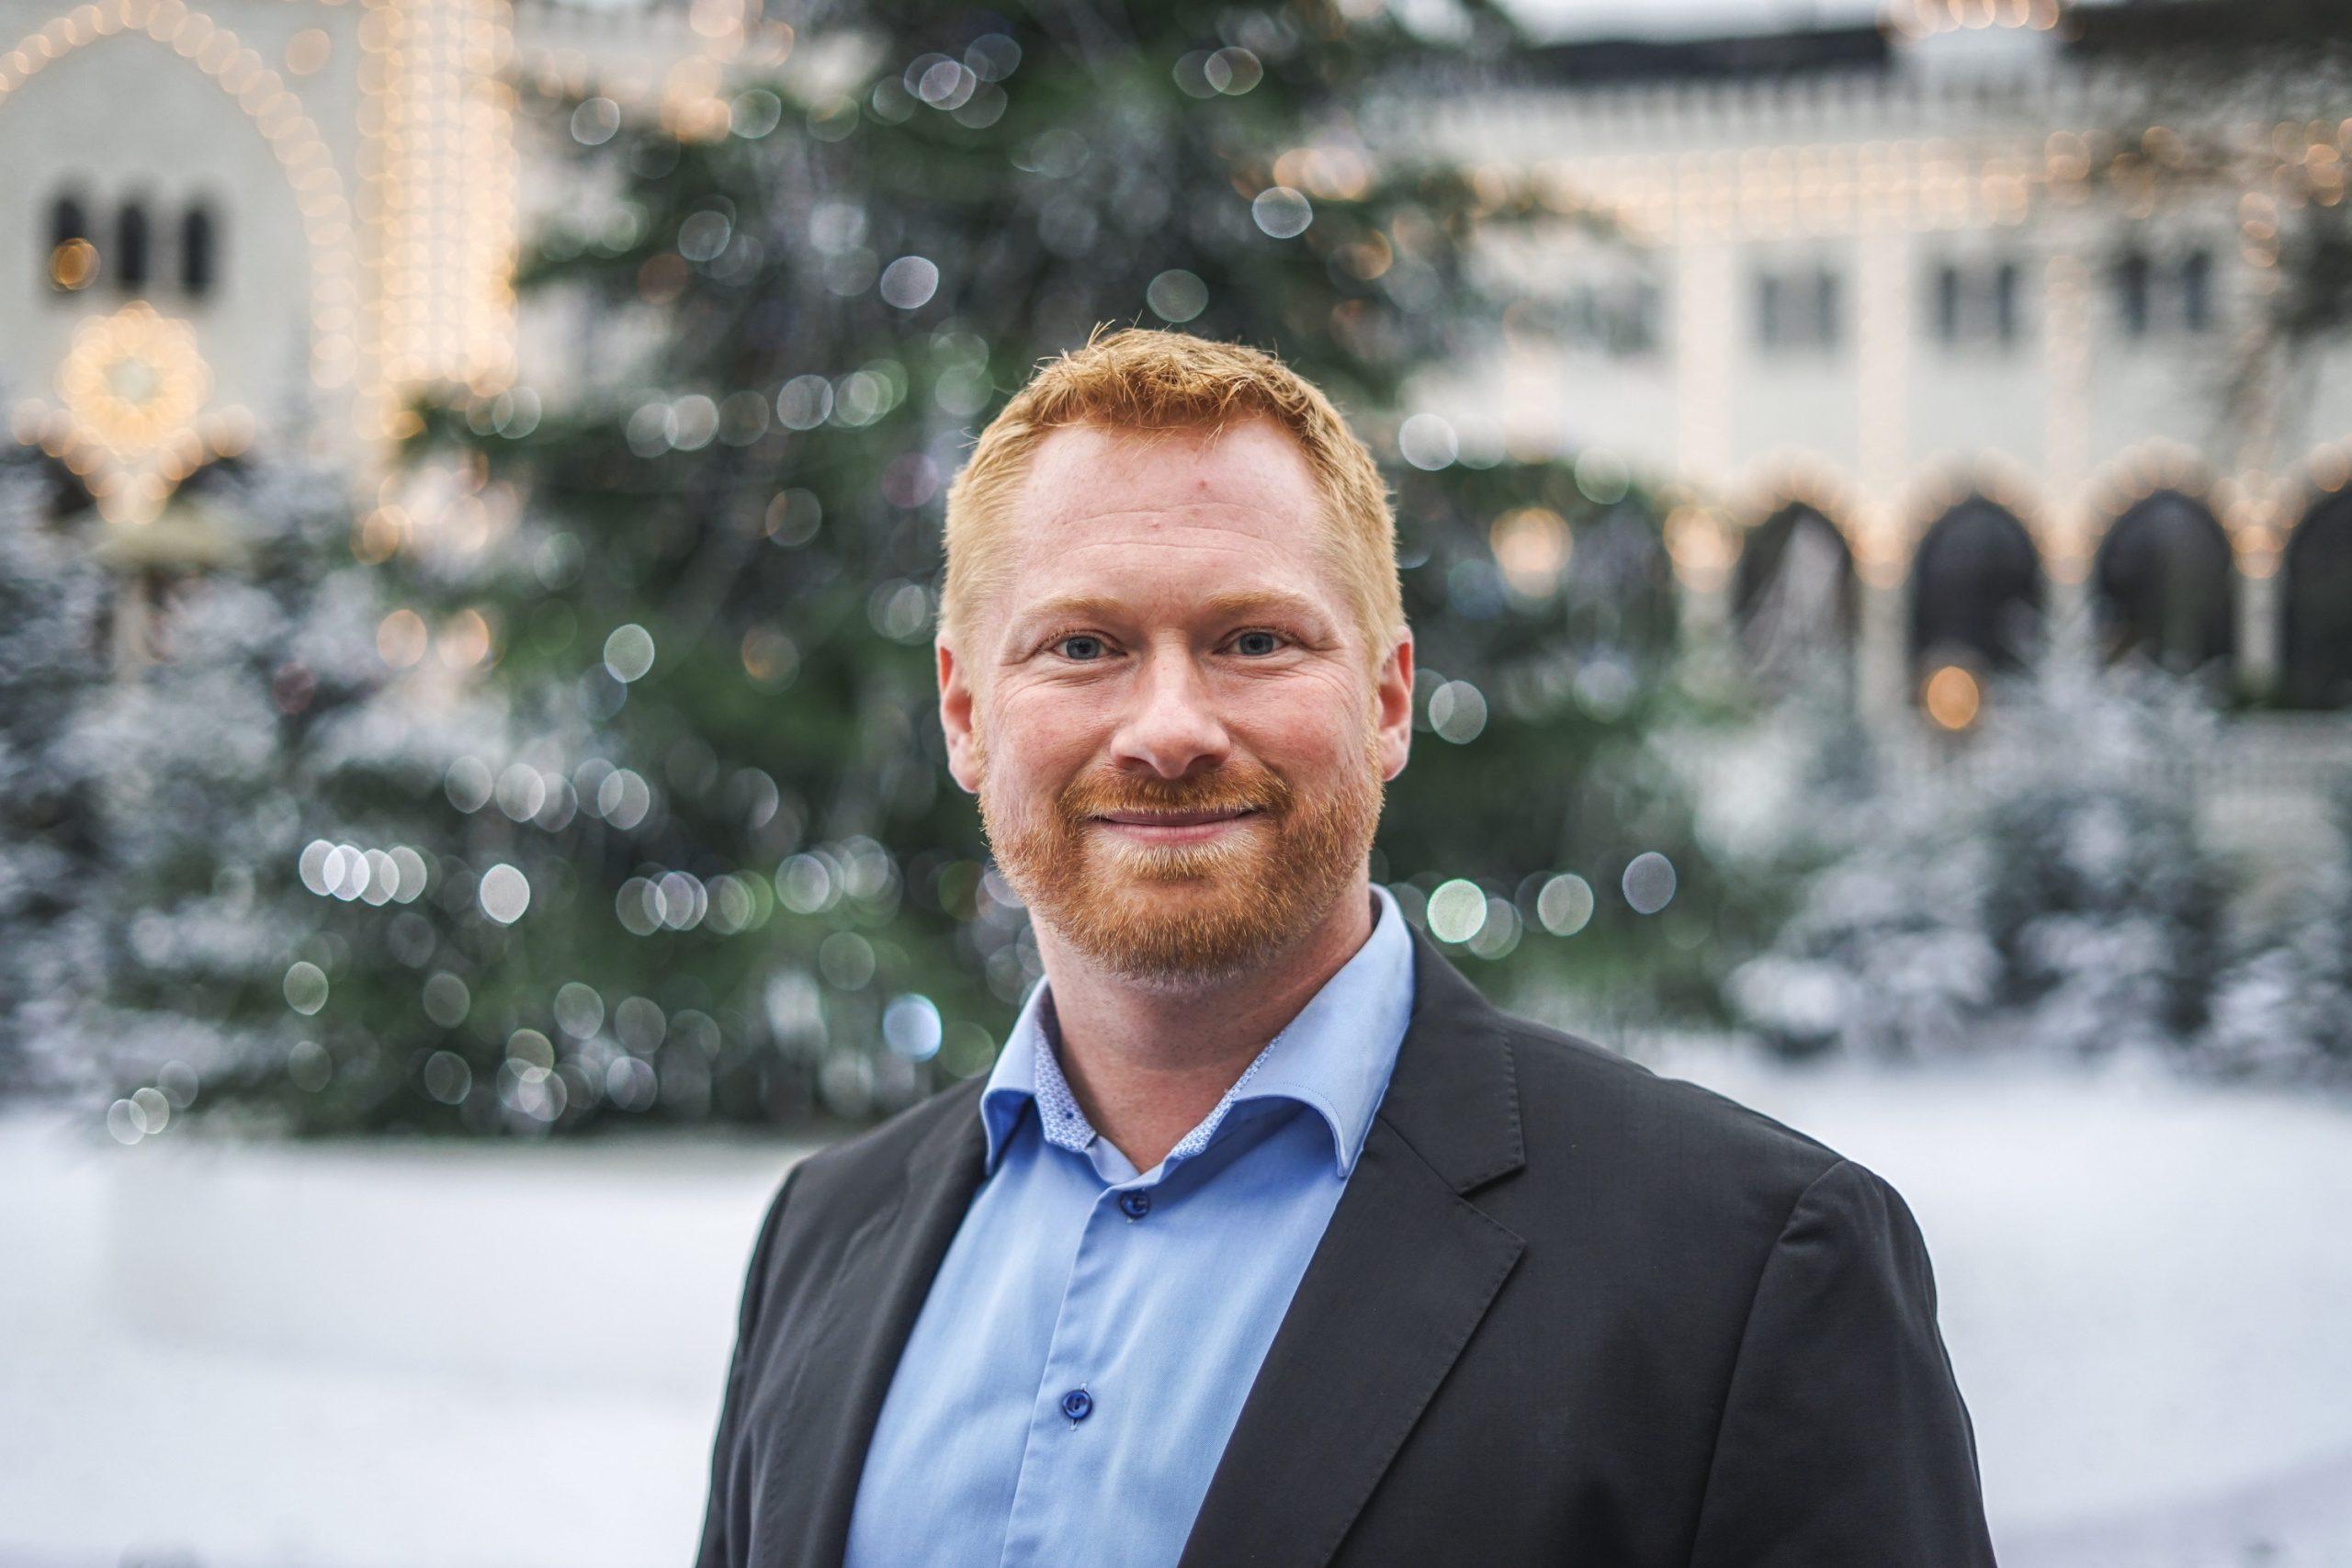 Den 37-årige ingeniør Christian Dahl Melchiorsen er netop tiltrådt som ny underdirektør i Tivoli med ansvar for forretningsområdet Byg. Foto: Tivoli.